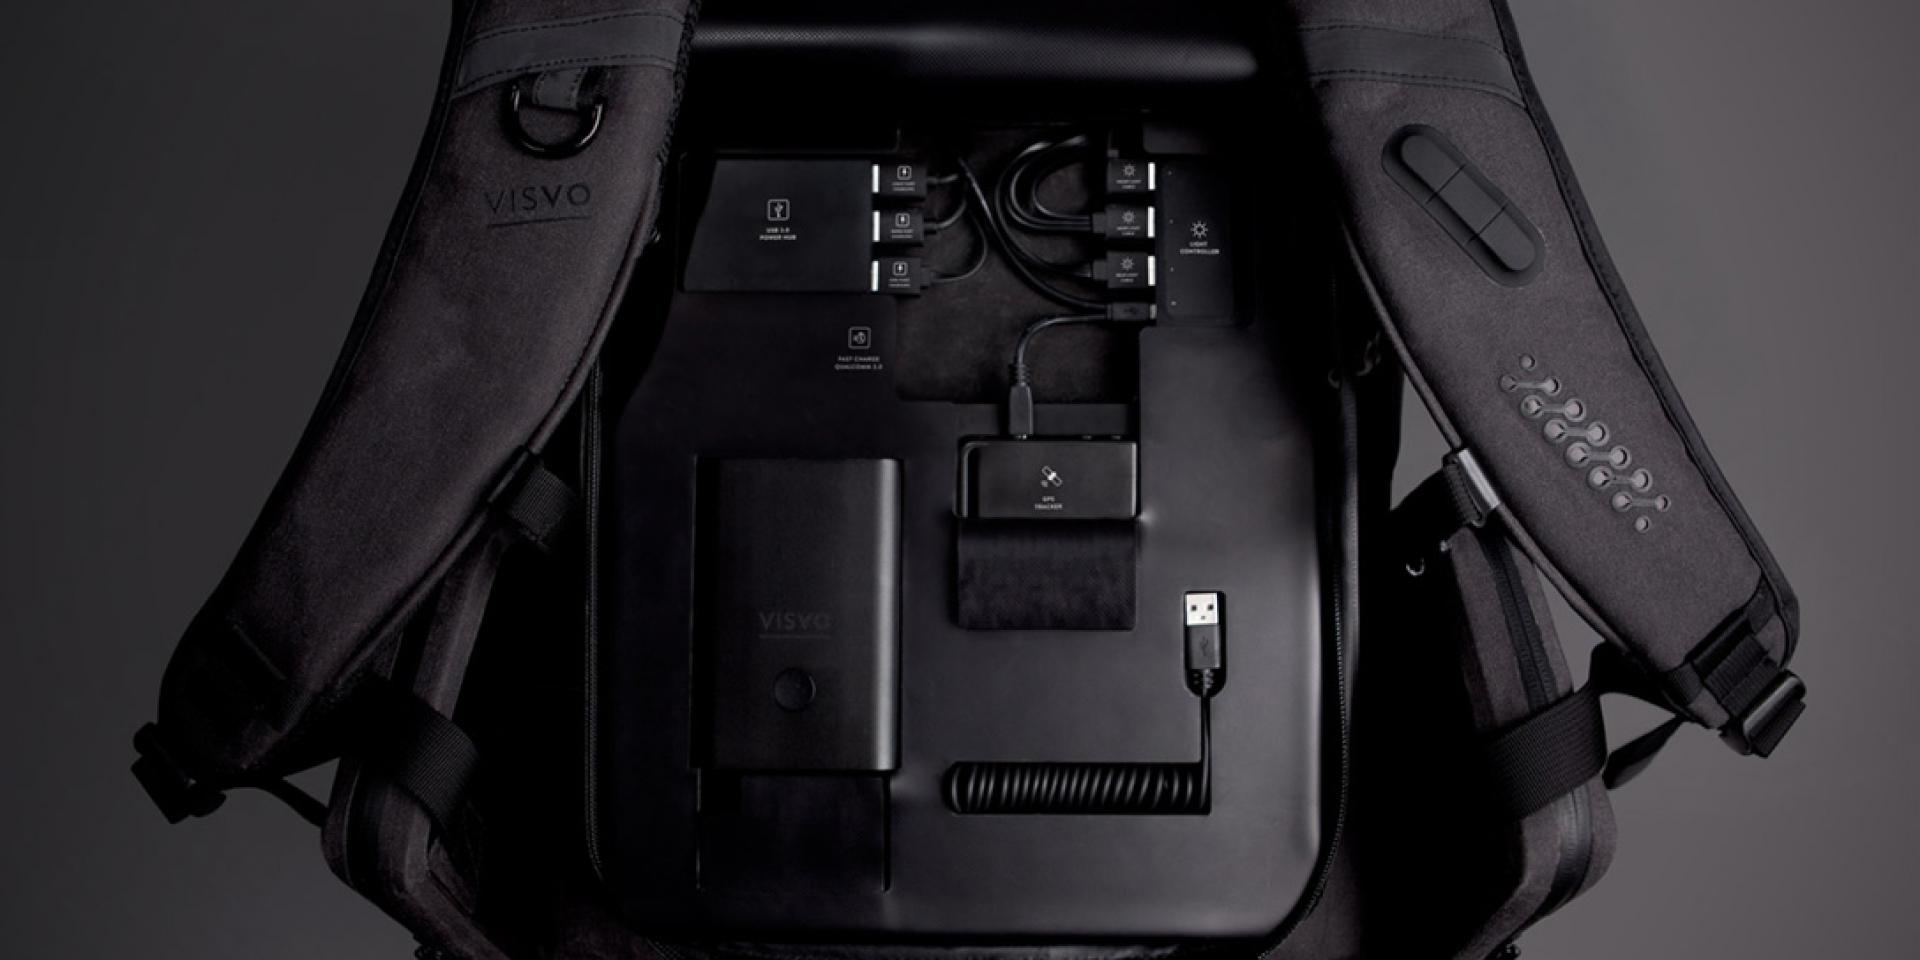 背包也能玩科技!Visvo Novel騎士背包